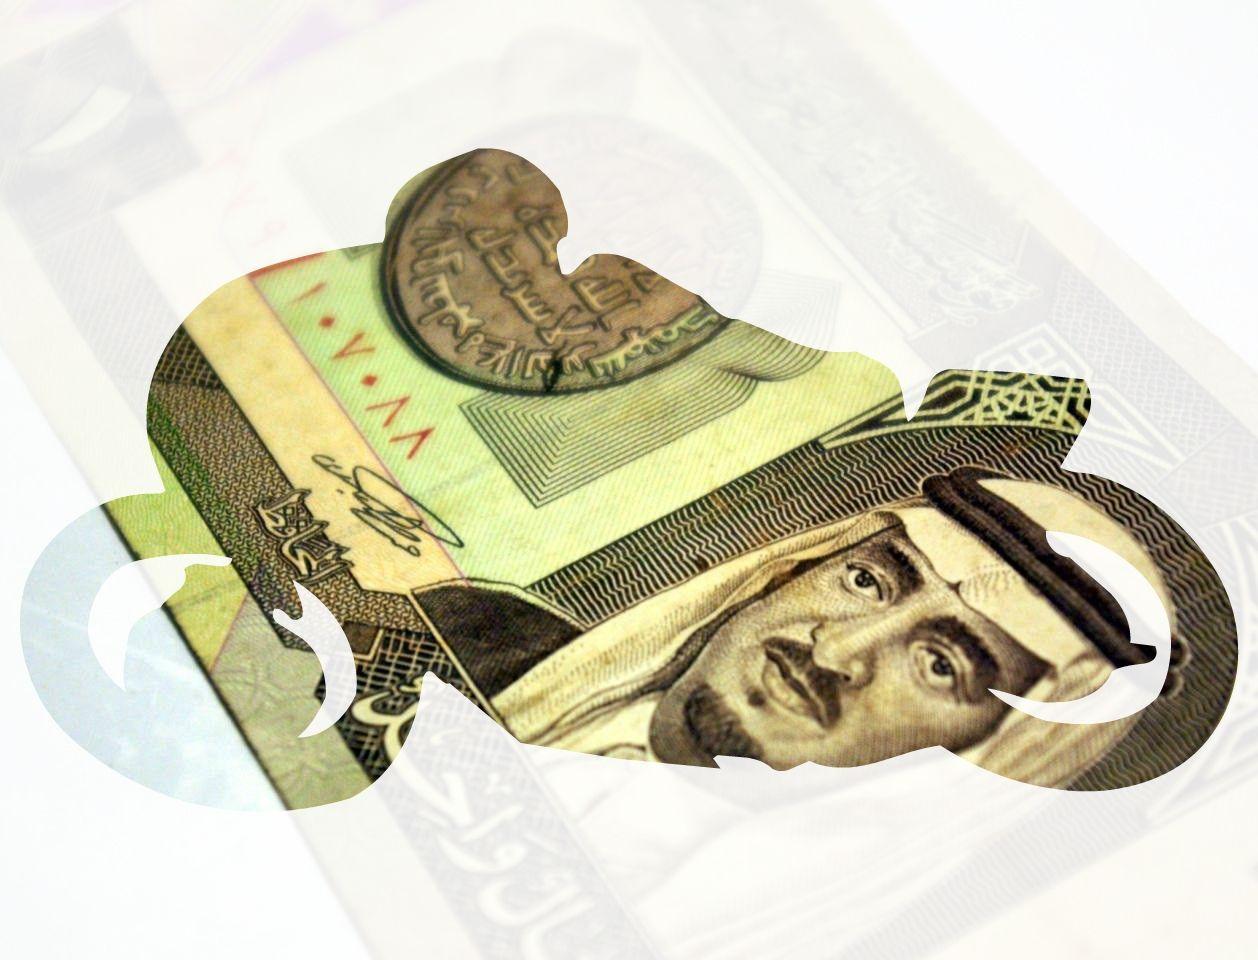 سعر الدرهم الإماراتي اليوم جميع البنوك والسوق السوداء مقابل الجنيه محدث لحظة بلحظة Finance